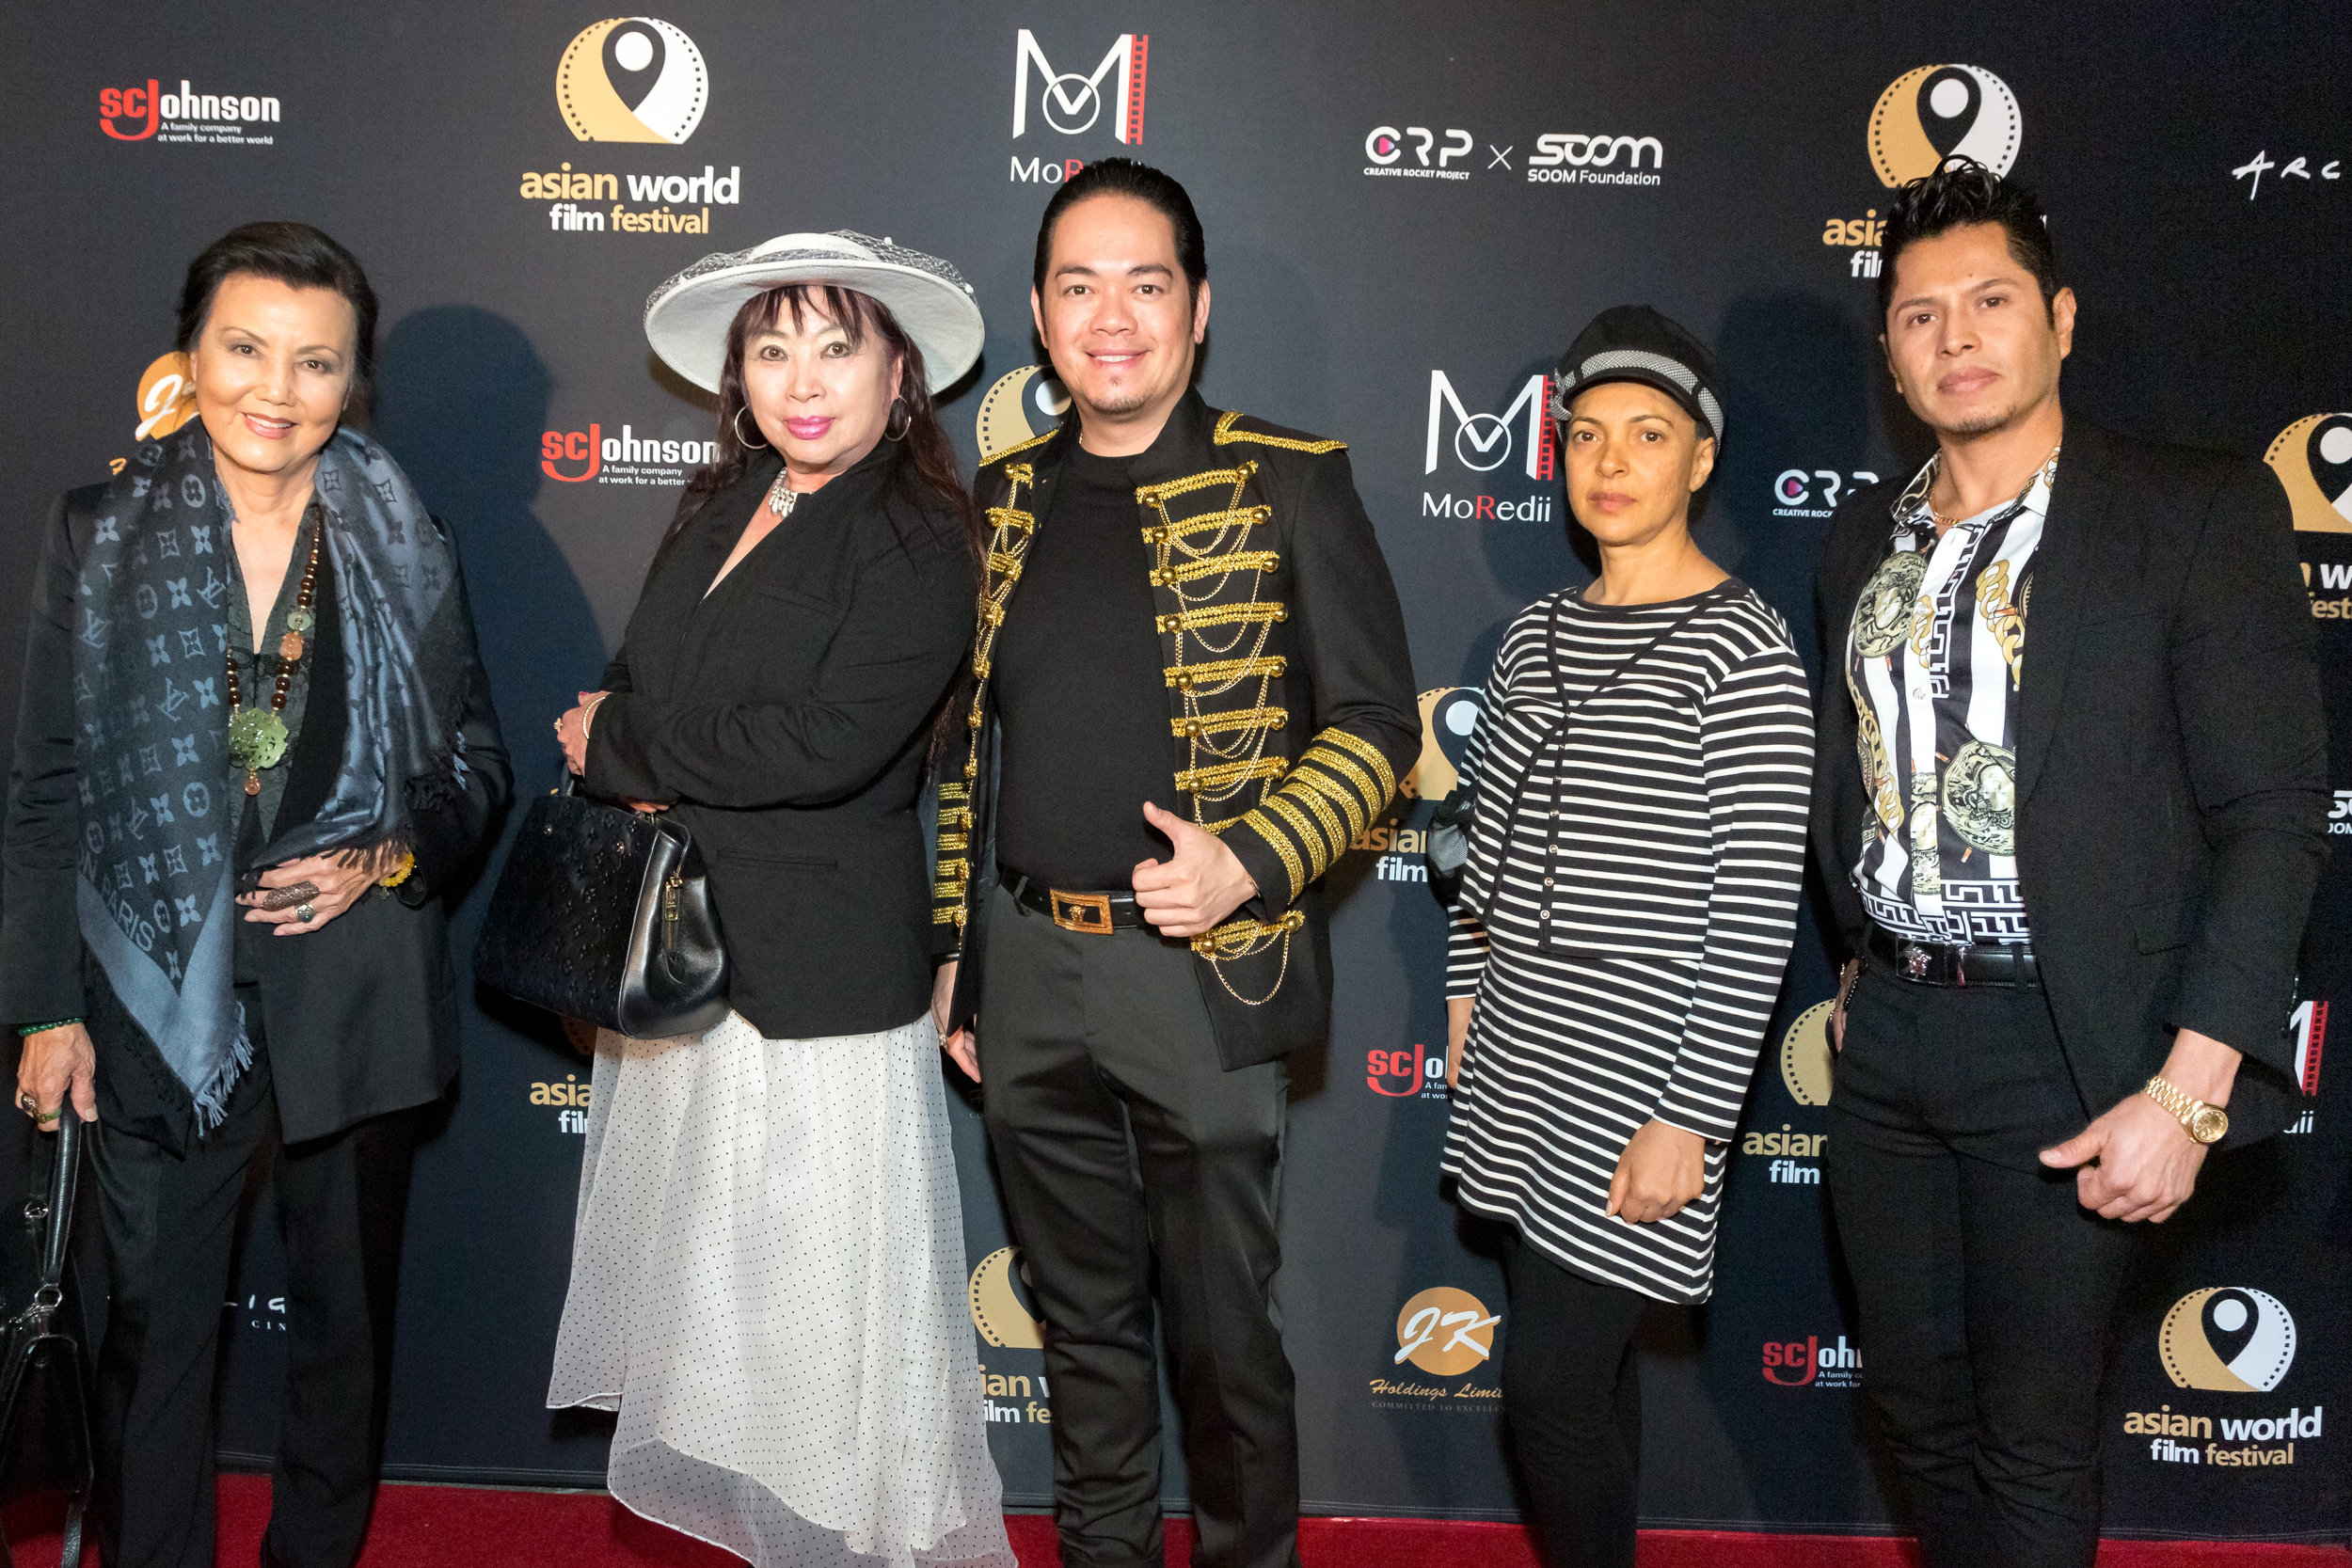 asian-world-film-festival-0118.jpg